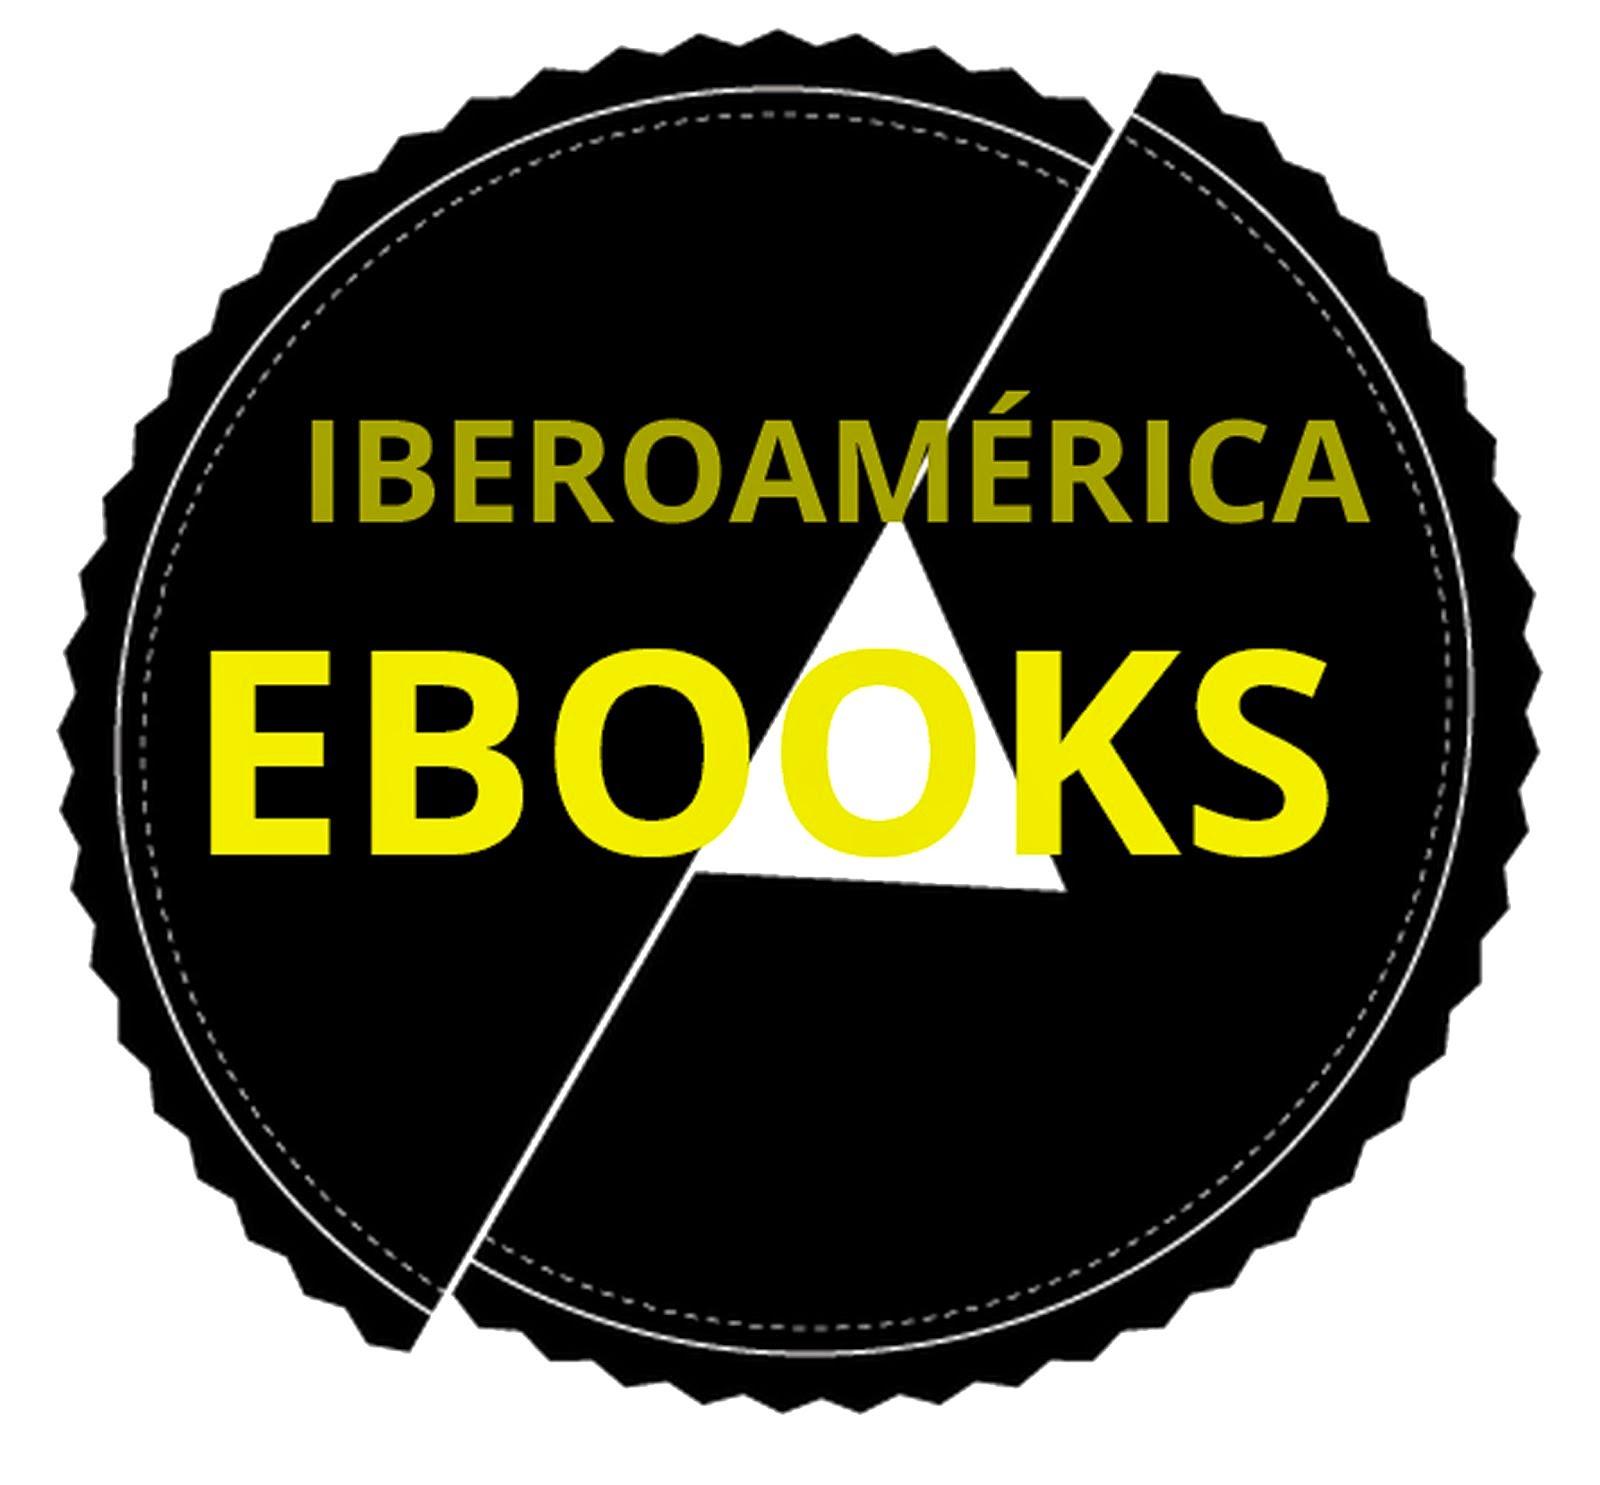 ¿Quieres publicar y vender en todo el mundo? Averigua cómo llevar tu obra al mercado del ebook